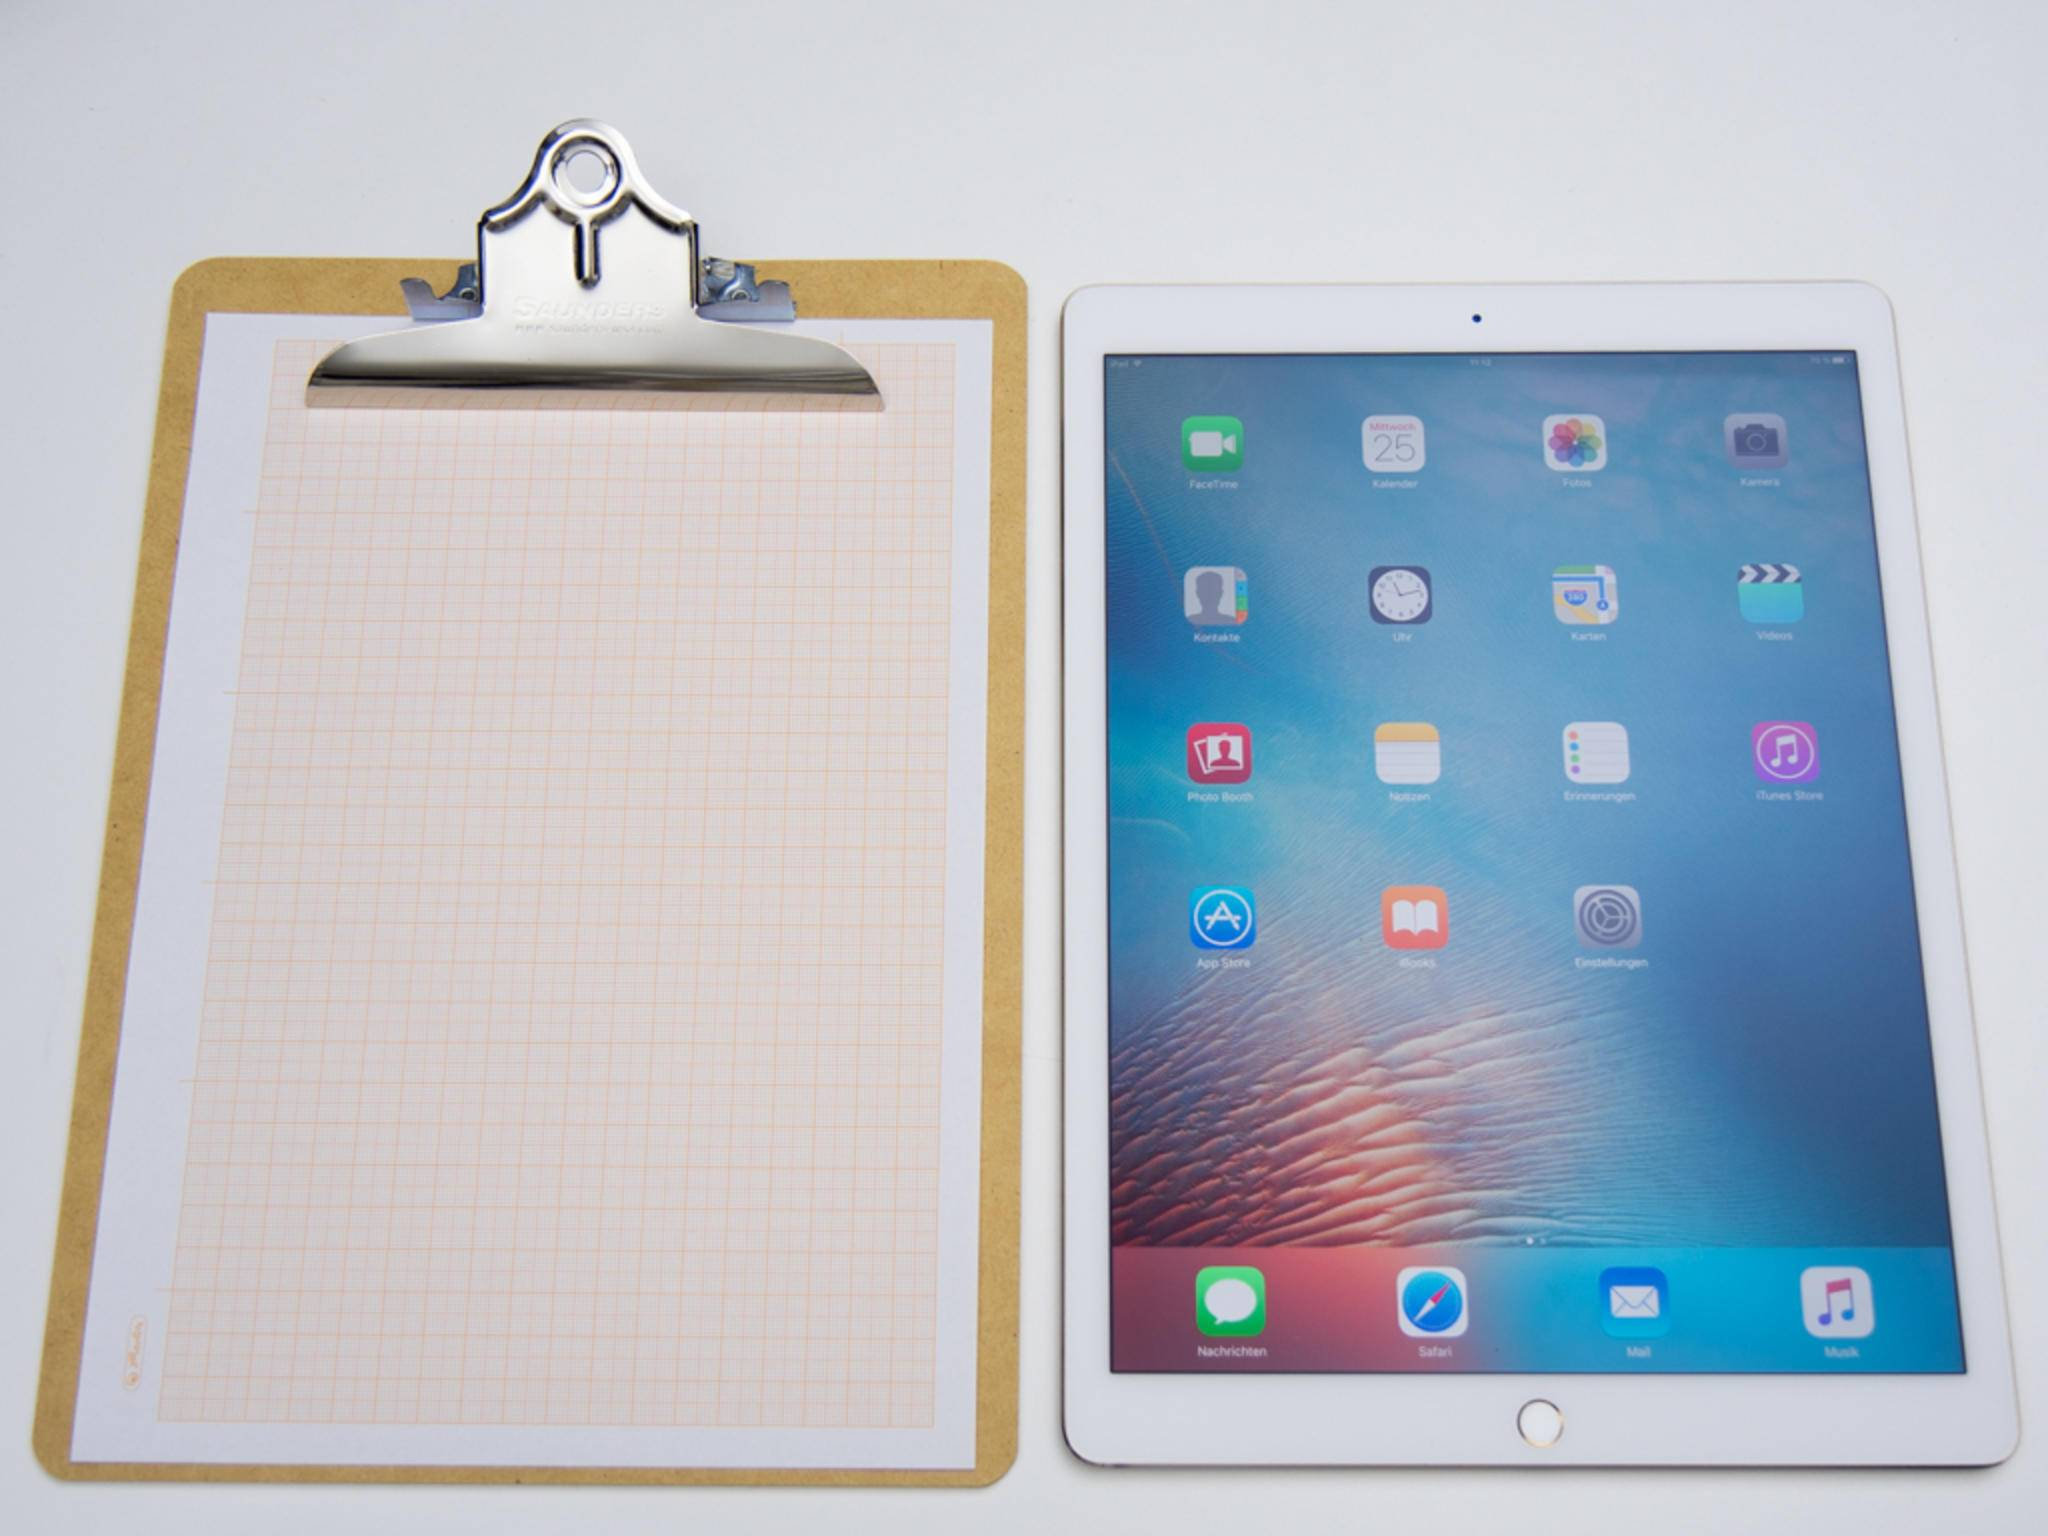 Das iPad Pro punktet vor allem mit seinen ausgezeichneten Multimedia-Fähigkeiten.